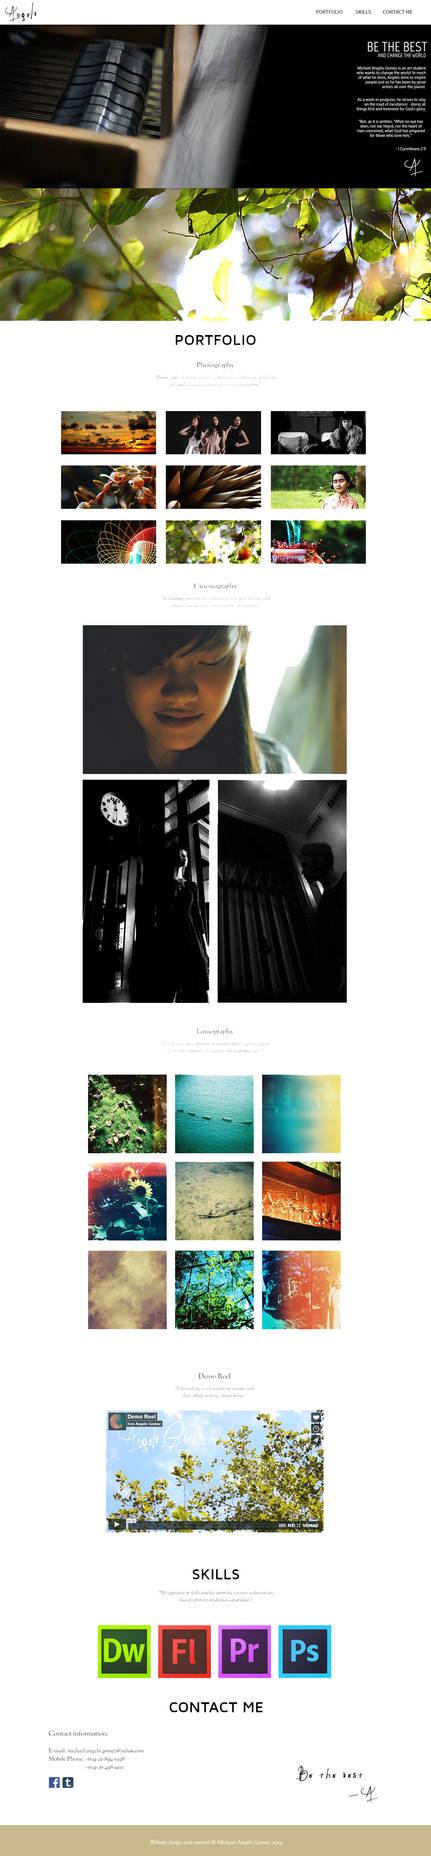 Angelo Gomez - Portfolio Site